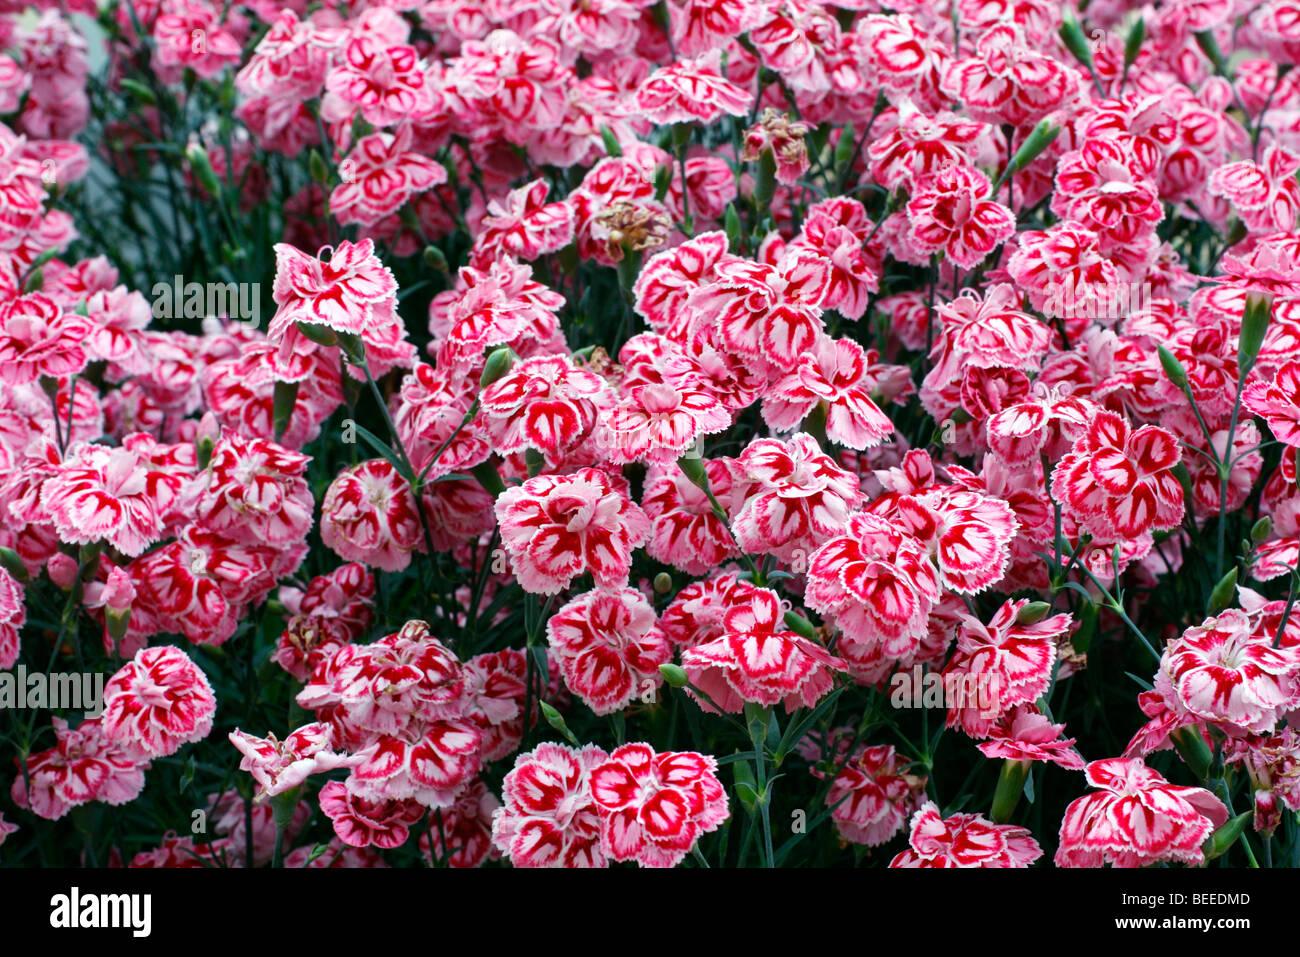 Dianthus 'Starburst' - Stock Image